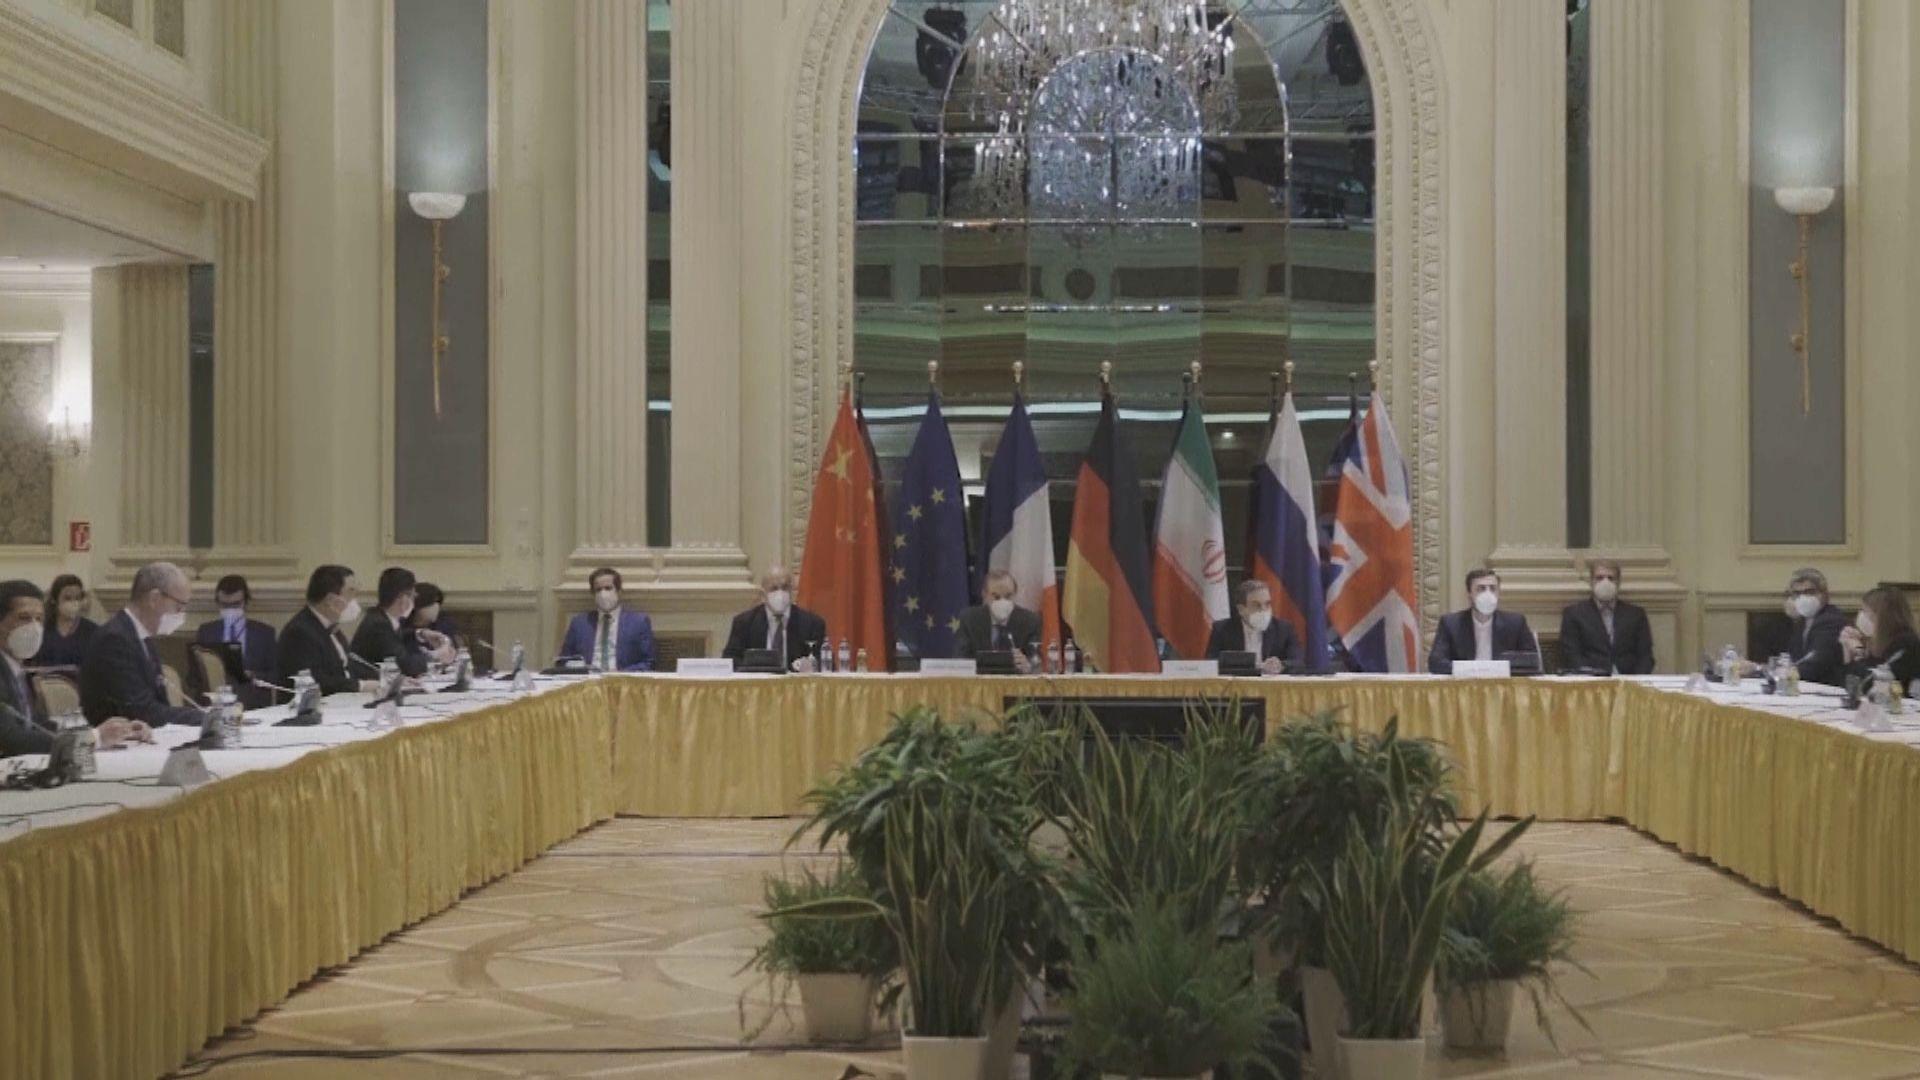 伊朗核協議會議結束 美國稱會議有建設性